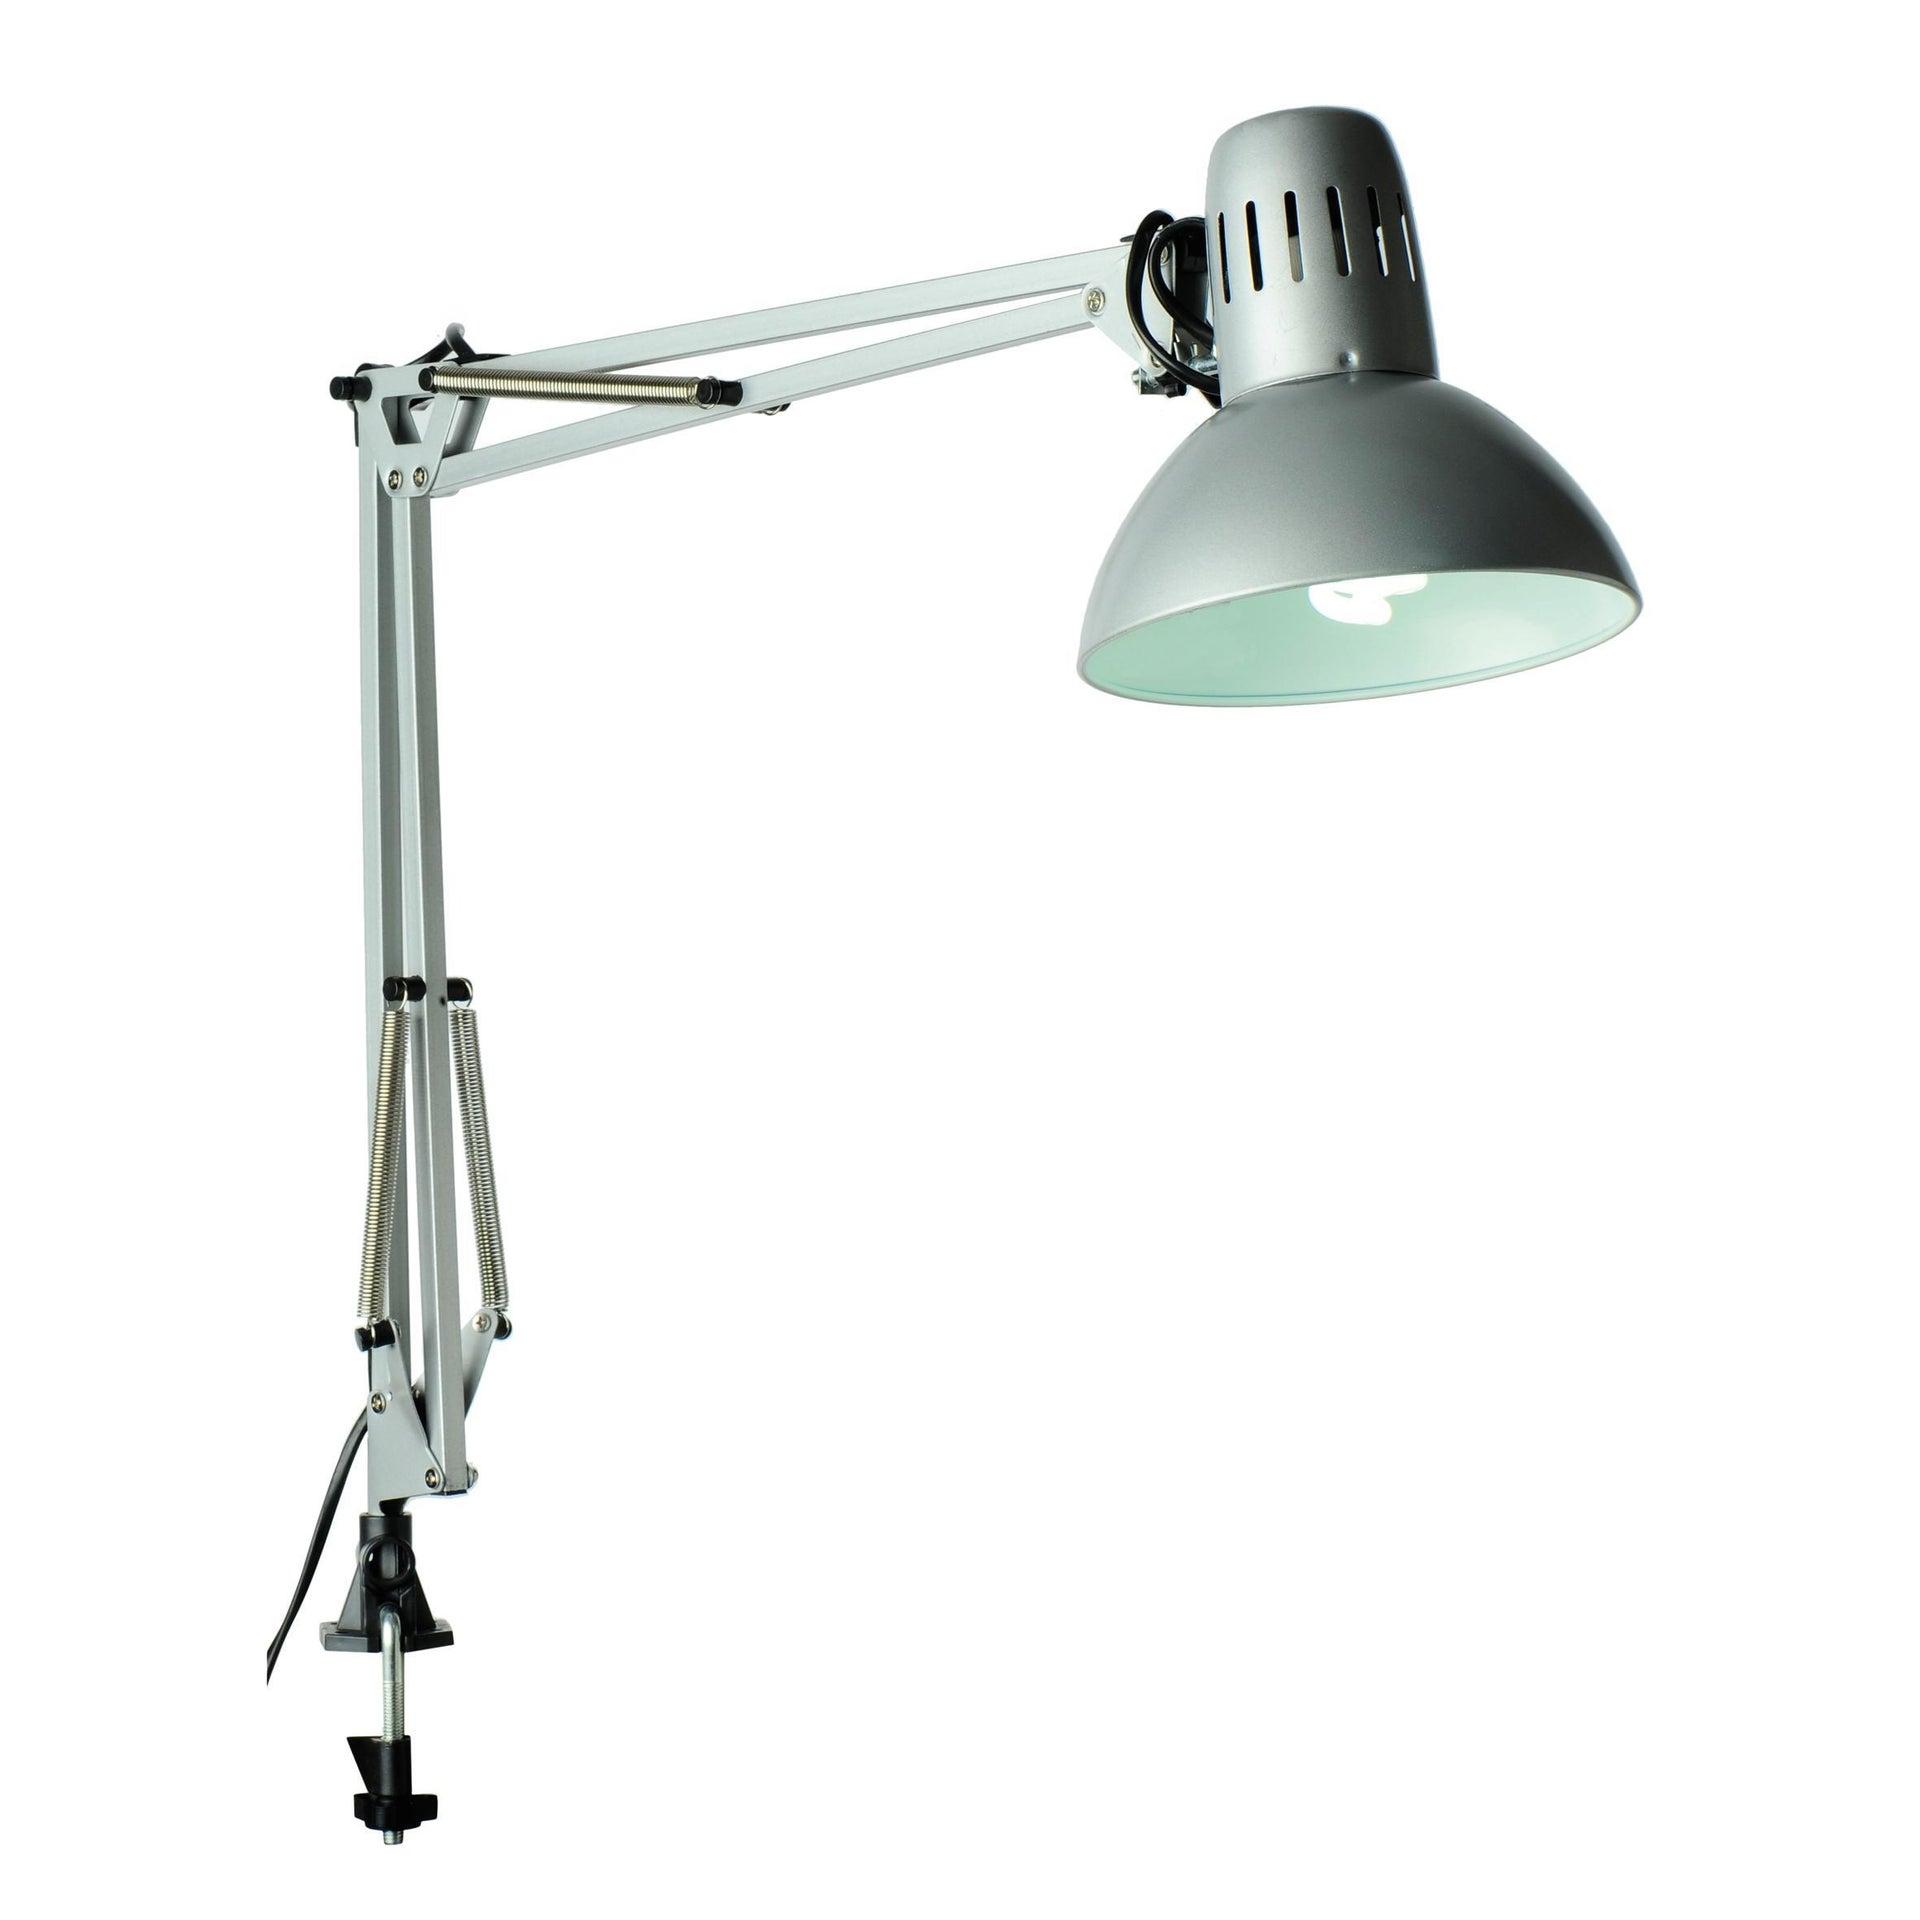 Lampada da scrivania Industriale Arquitecto grigio , in metallo, INSPIRE - 5